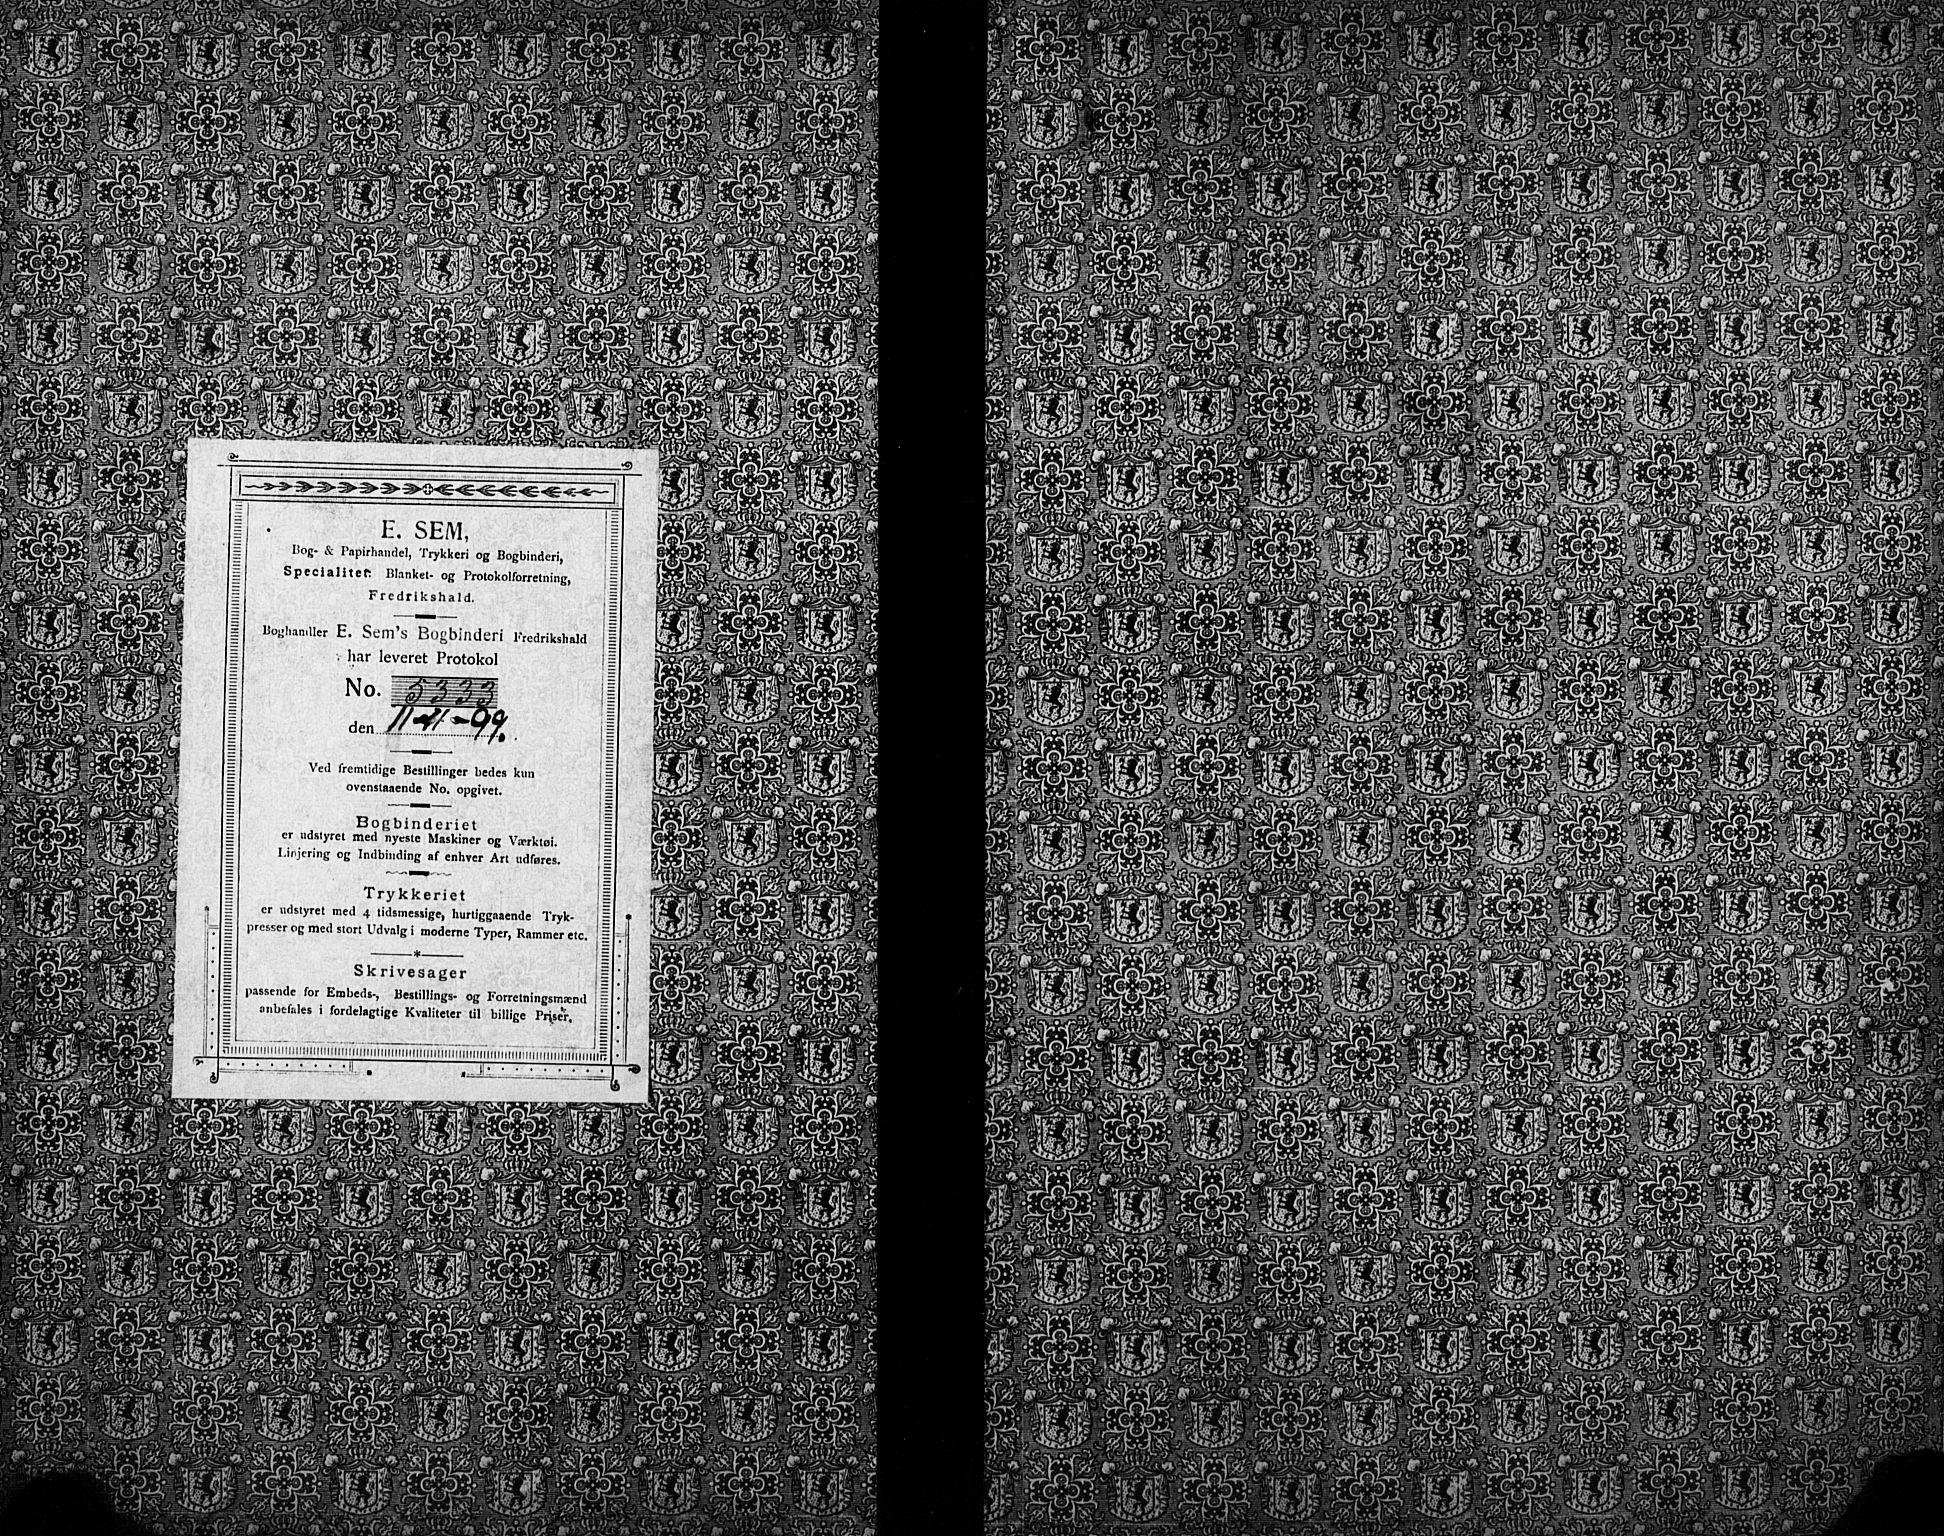 SAH, Biri prestekontor, Lysningsprotokoll nr. 1, 1900-1918